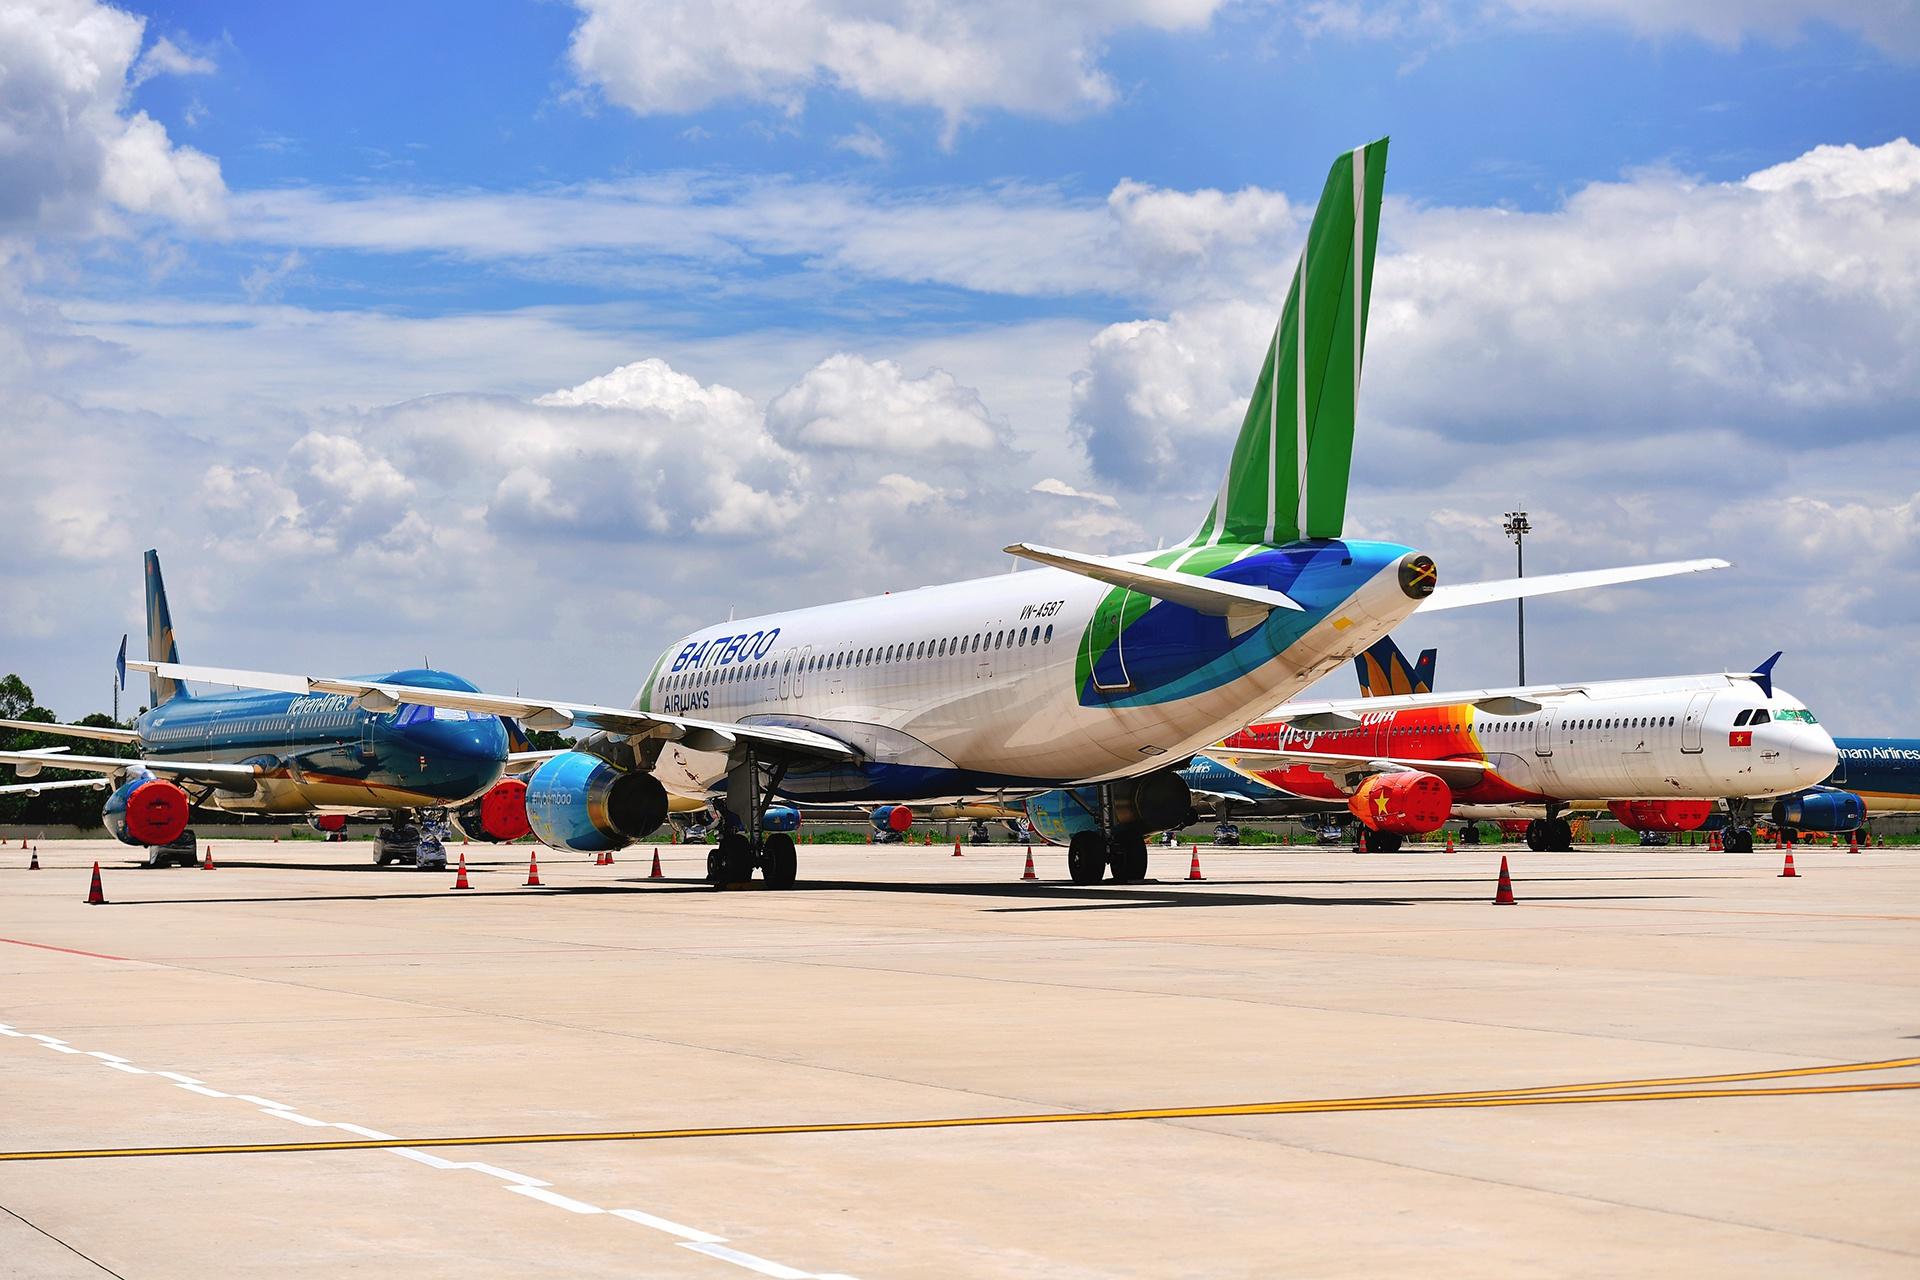 du lich Phu Quoc thang 10 anh 1  - img_3800_zing - Hãng hàng không và sân bay Phú Quốc sẵn sàng đón khách